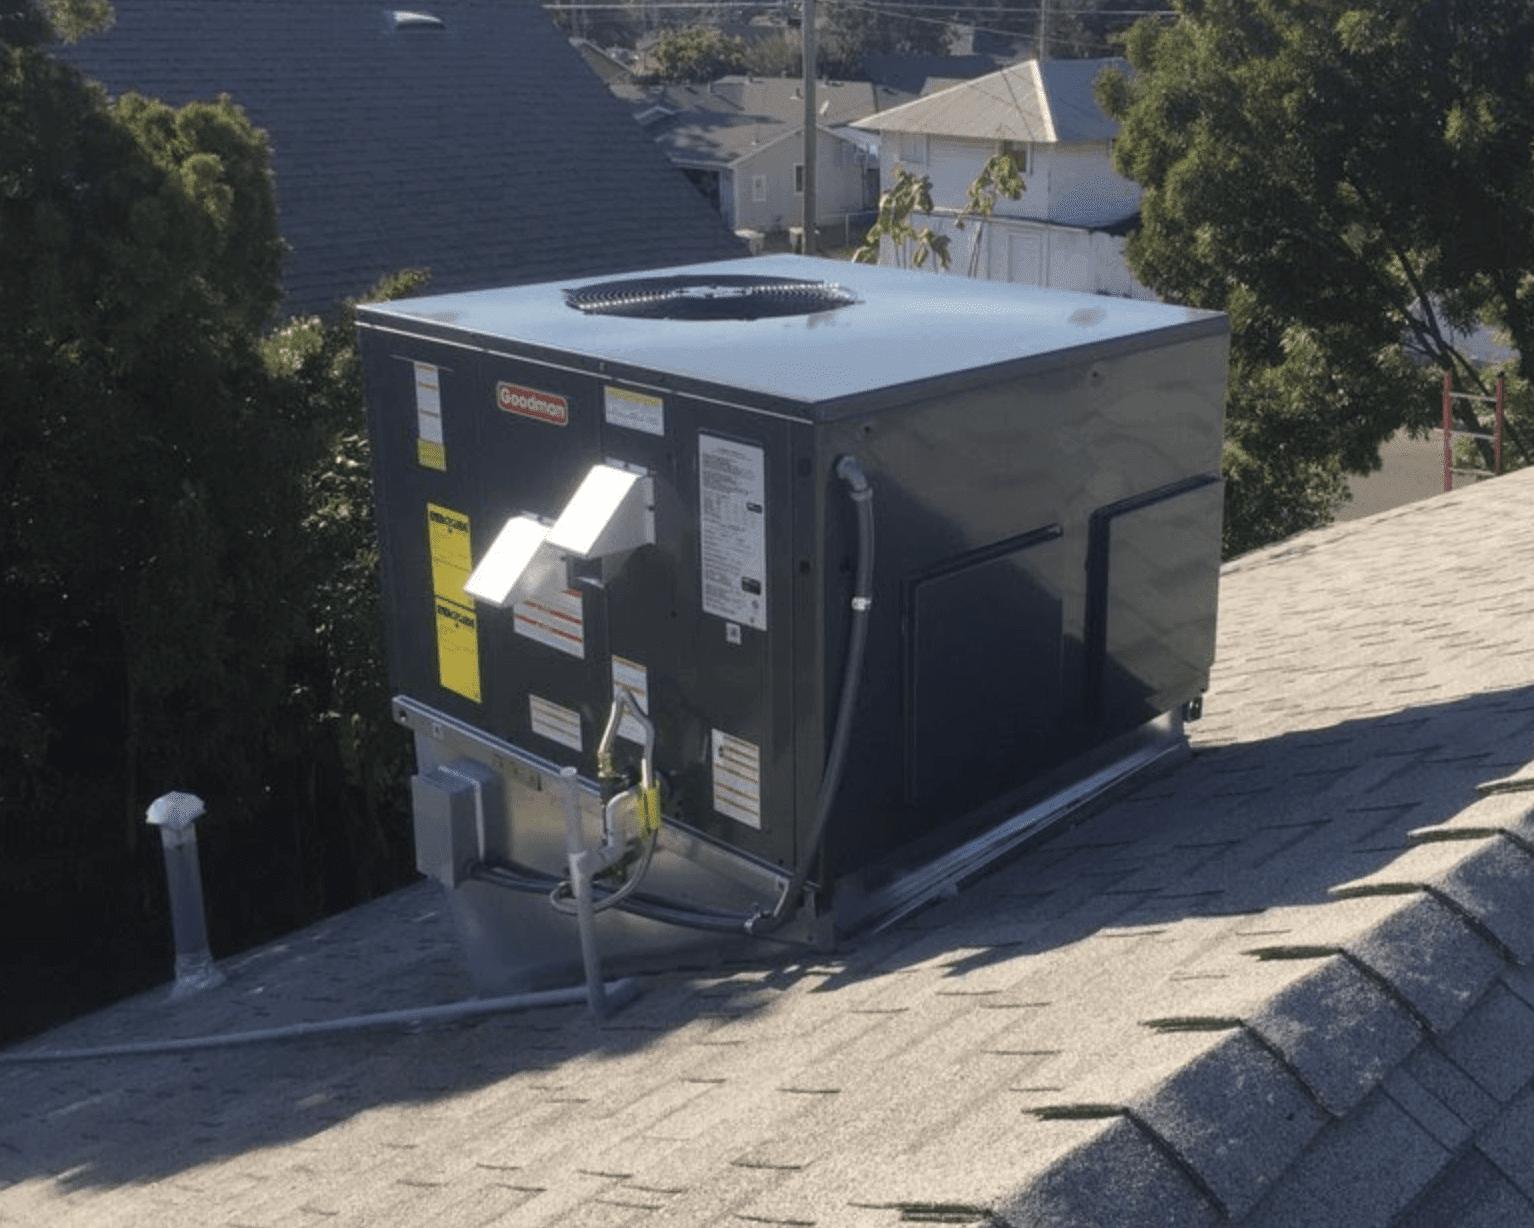 New Goodman package unit in Winnetka